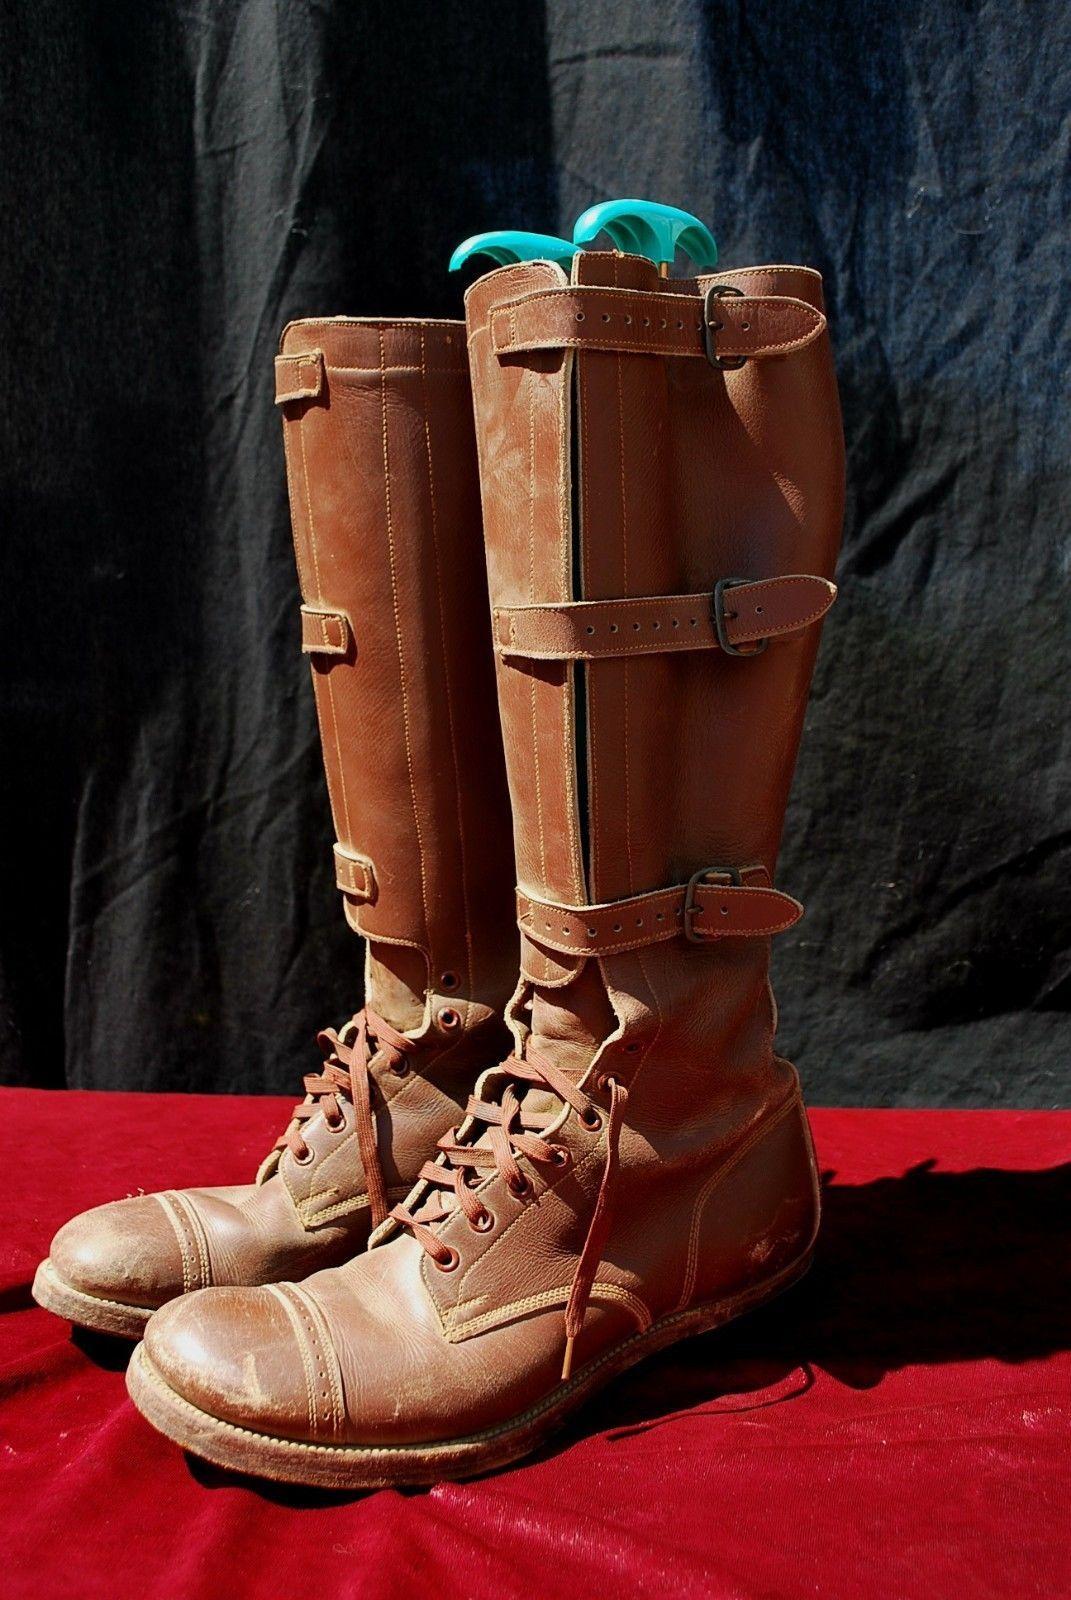 bottes vtg s de la deuxième l'armée guerre mondiale, les bottes de l'armée deuxième militaire des États - unis - m. 502d88